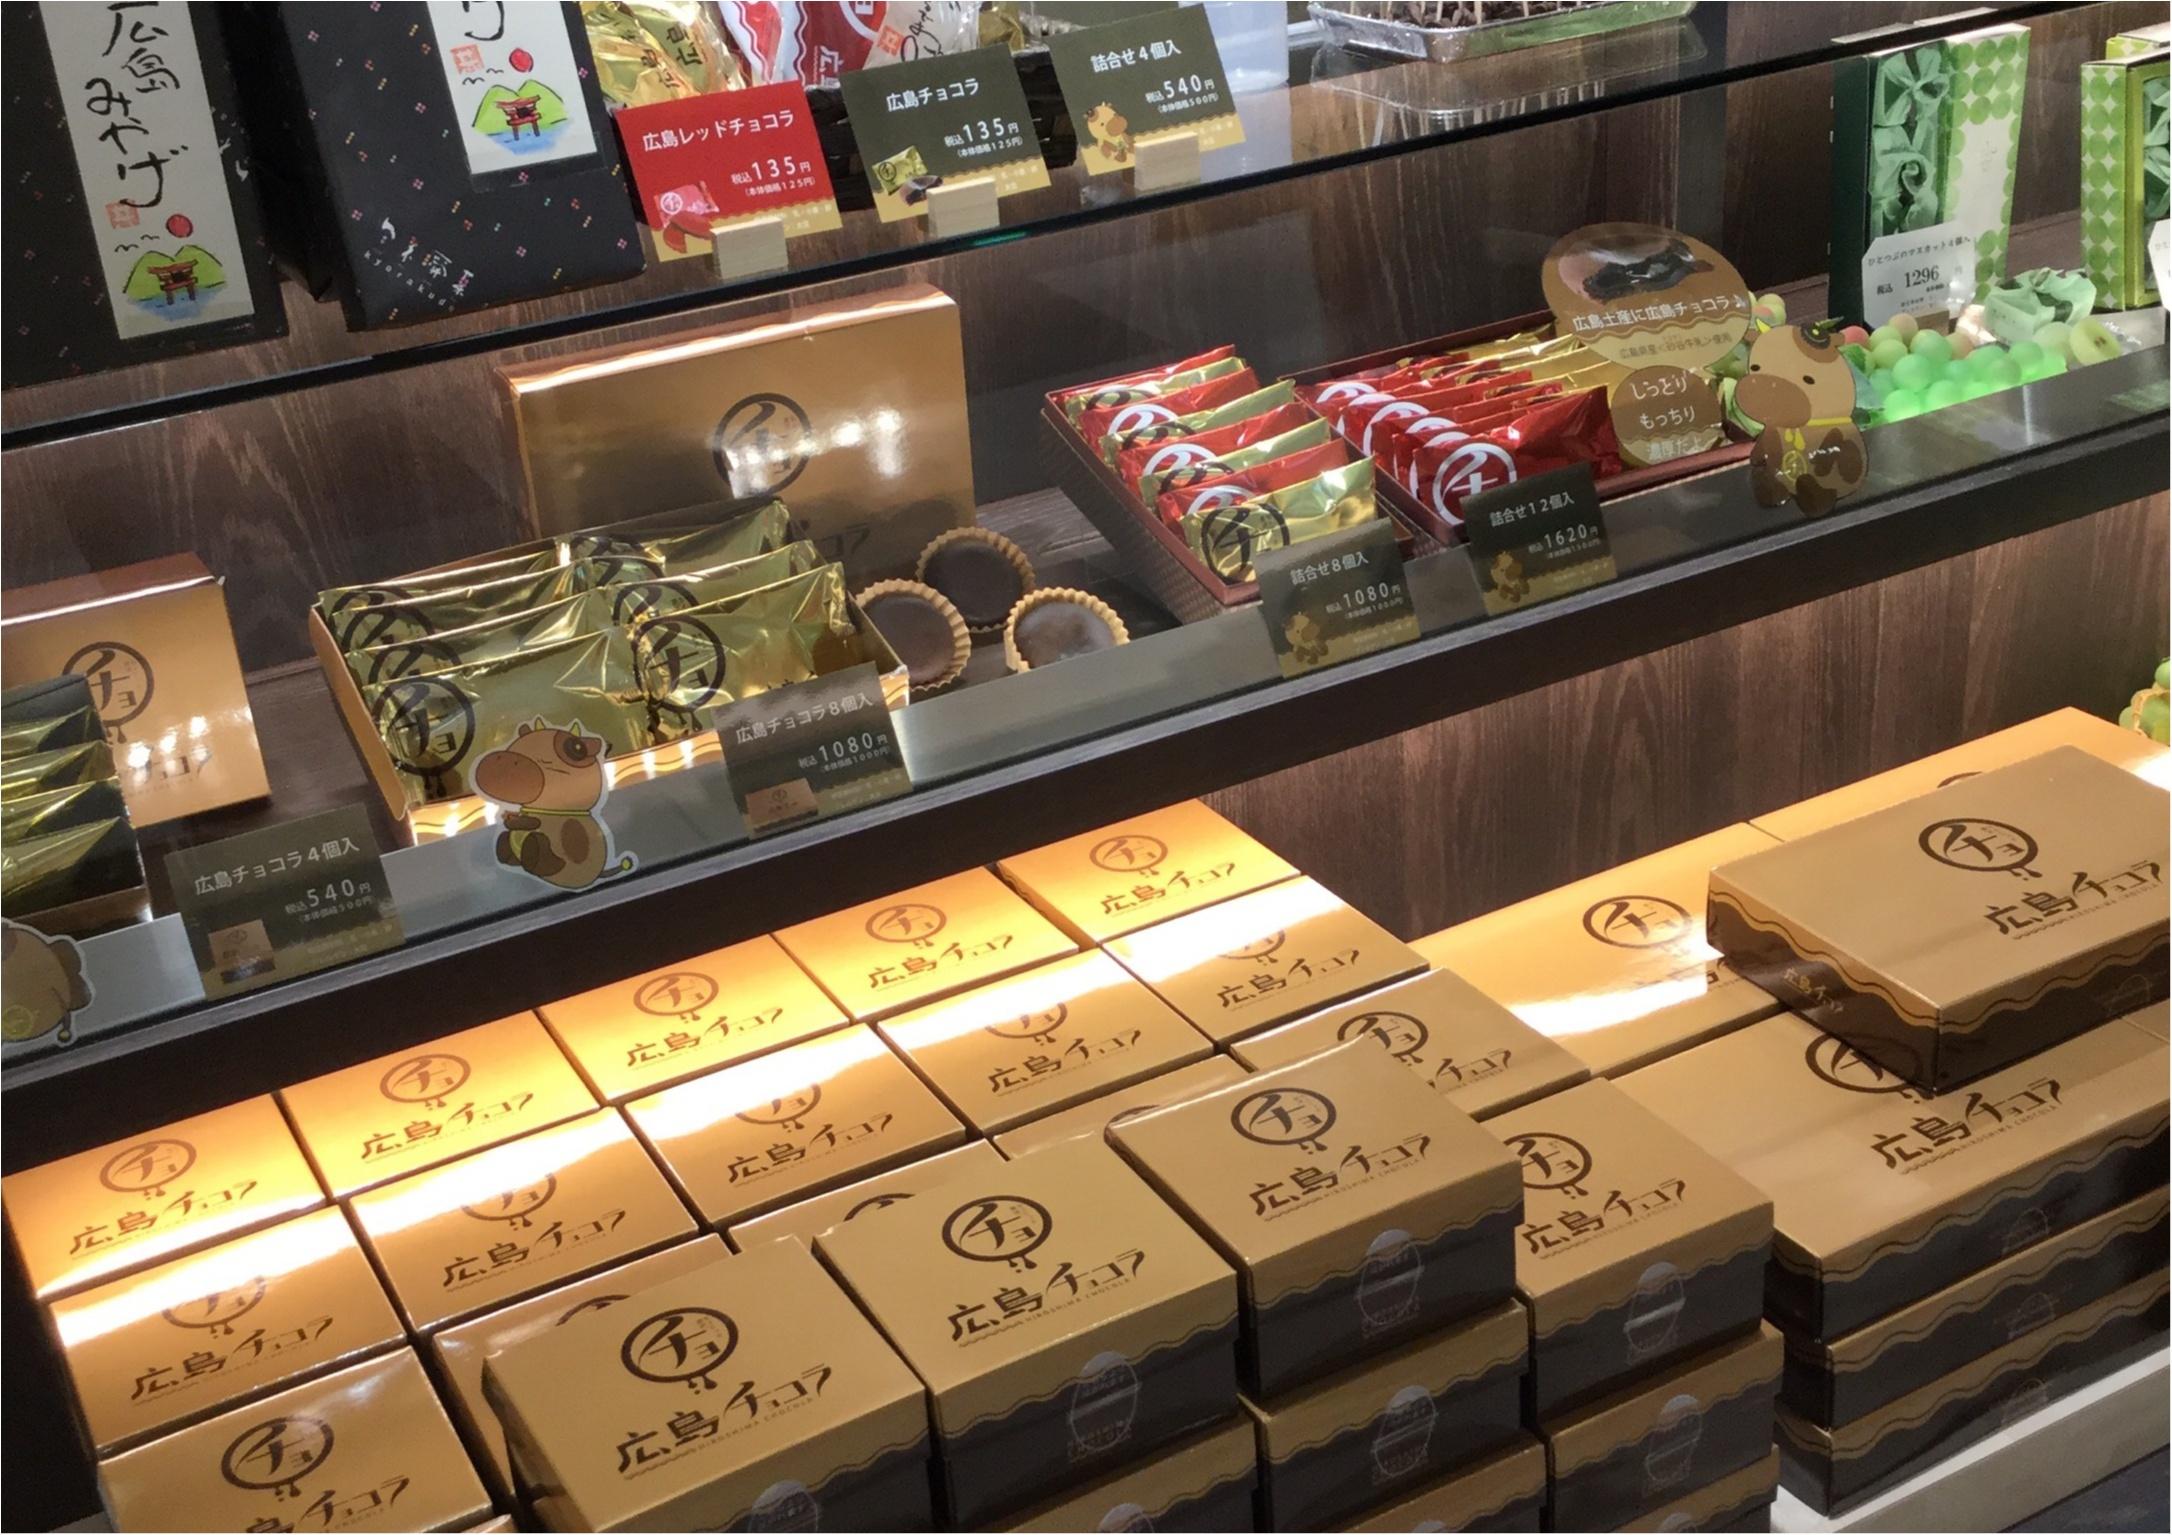 広島のおしゃれなお土産特集《2019年》- 人気の定番土産から話題のチョコ、スタバの限定タンブラーも!_55